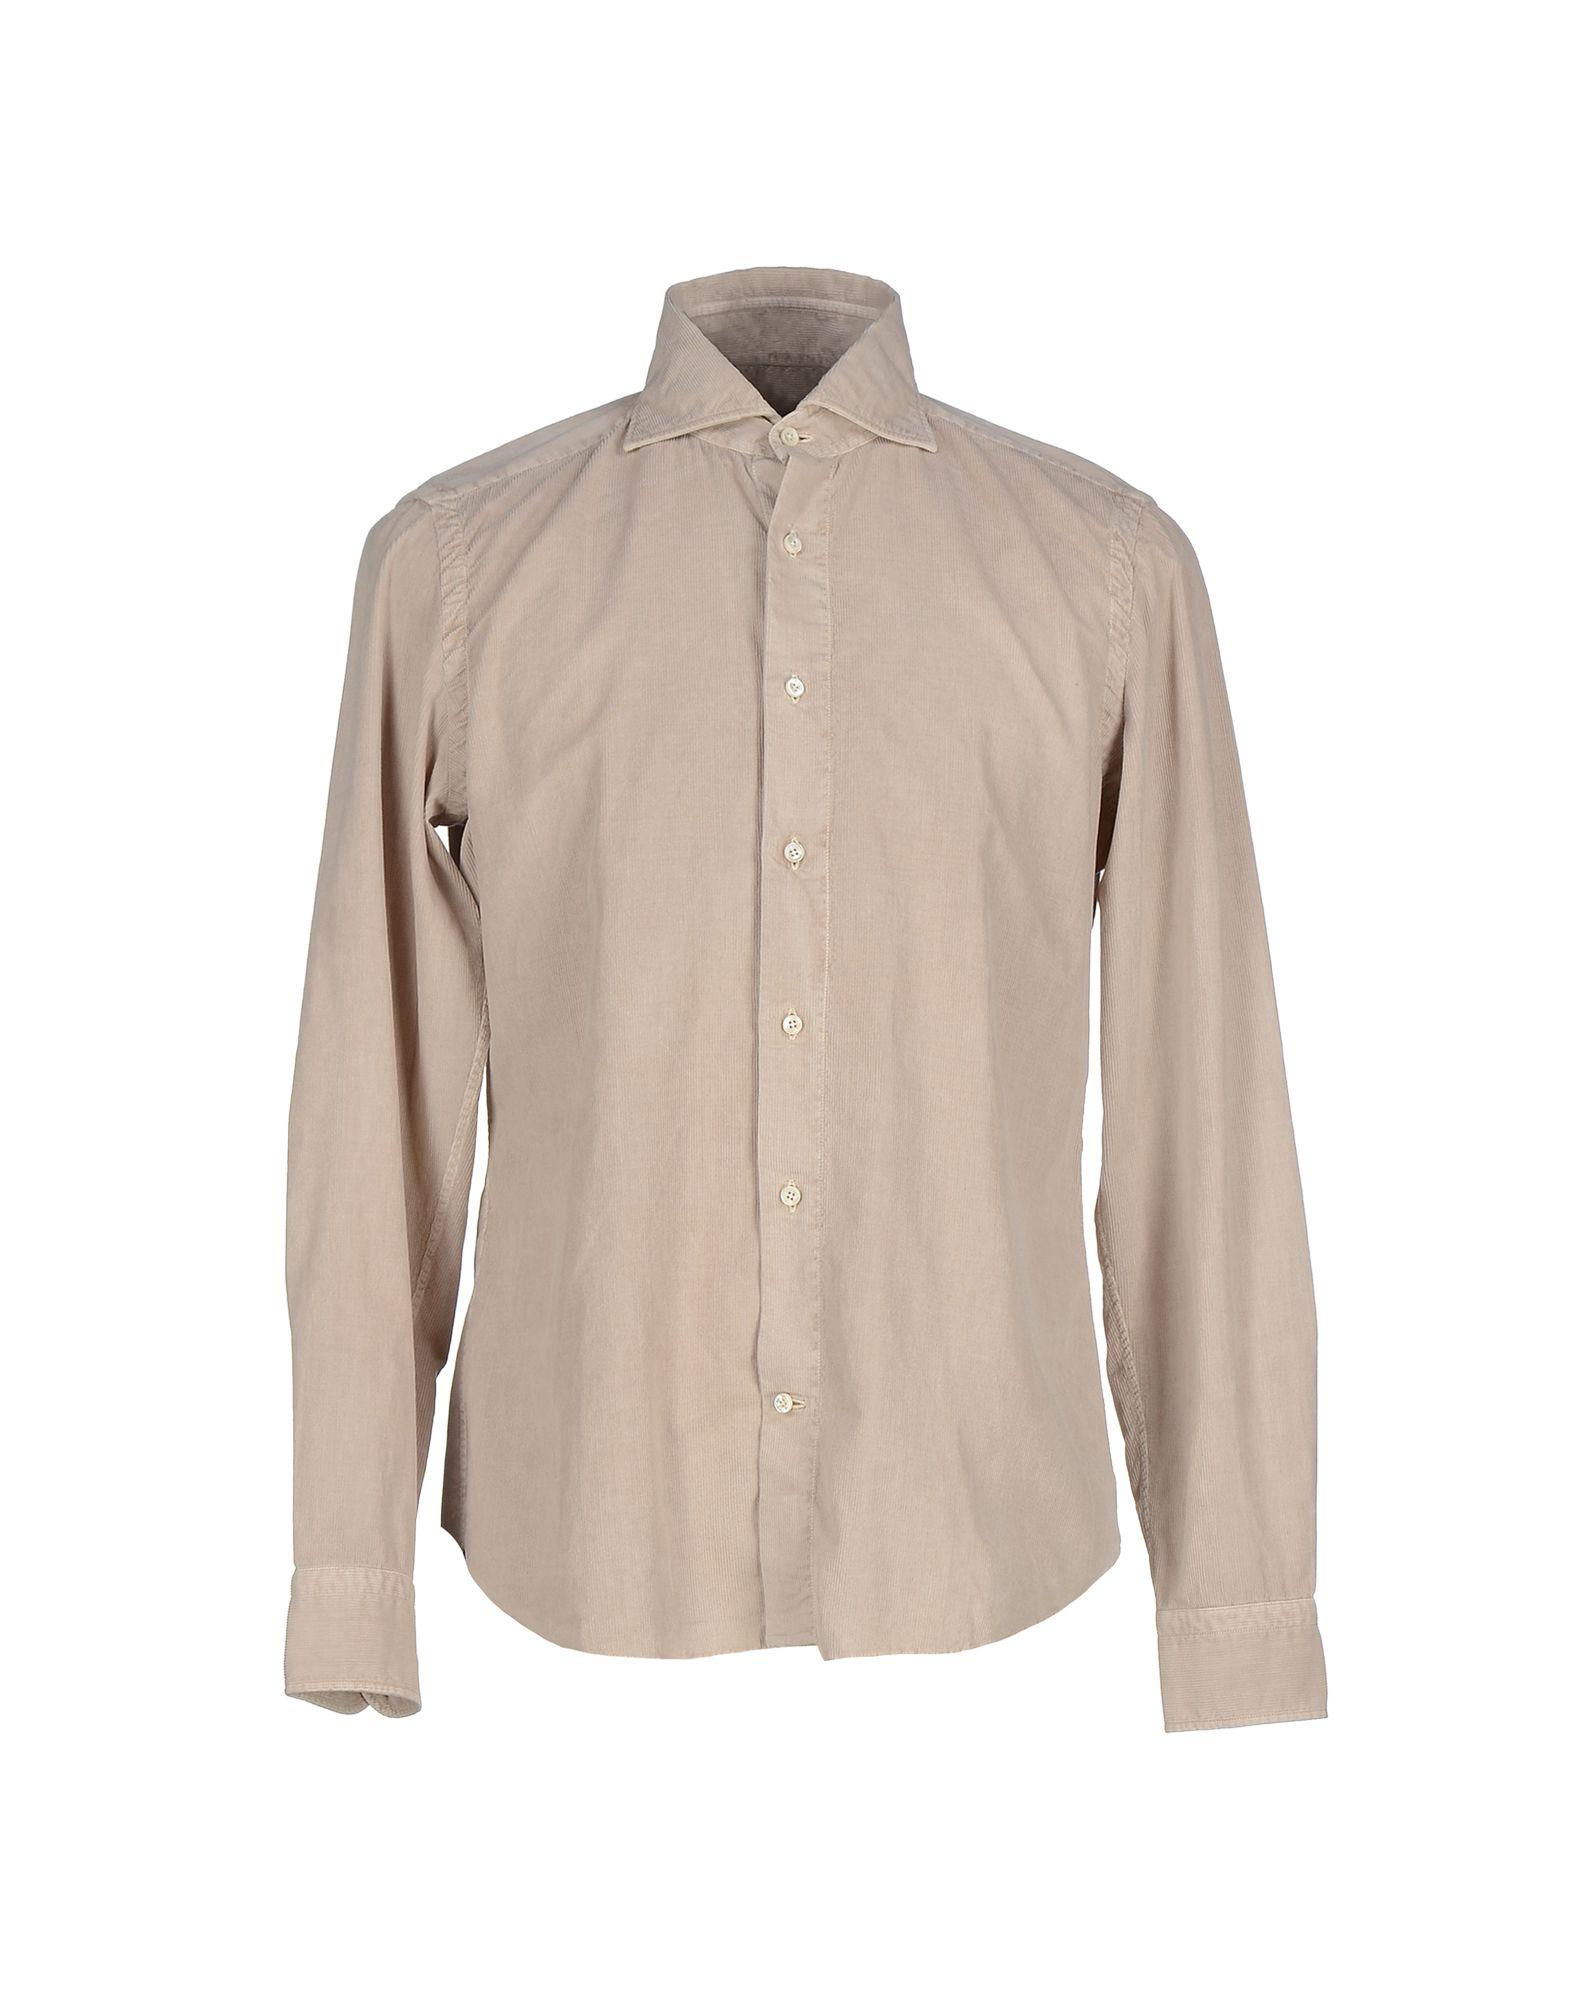 Boglioli Shirt in Brown for Men